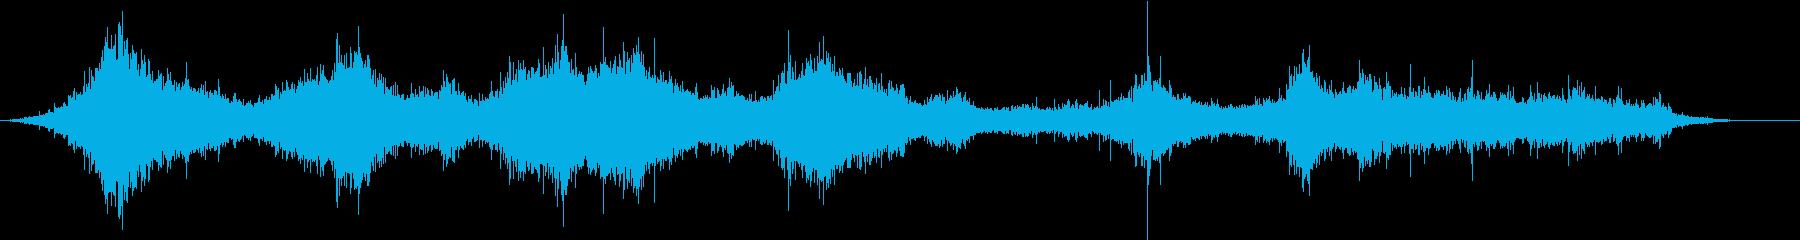 海:波の音の再生済みの波形